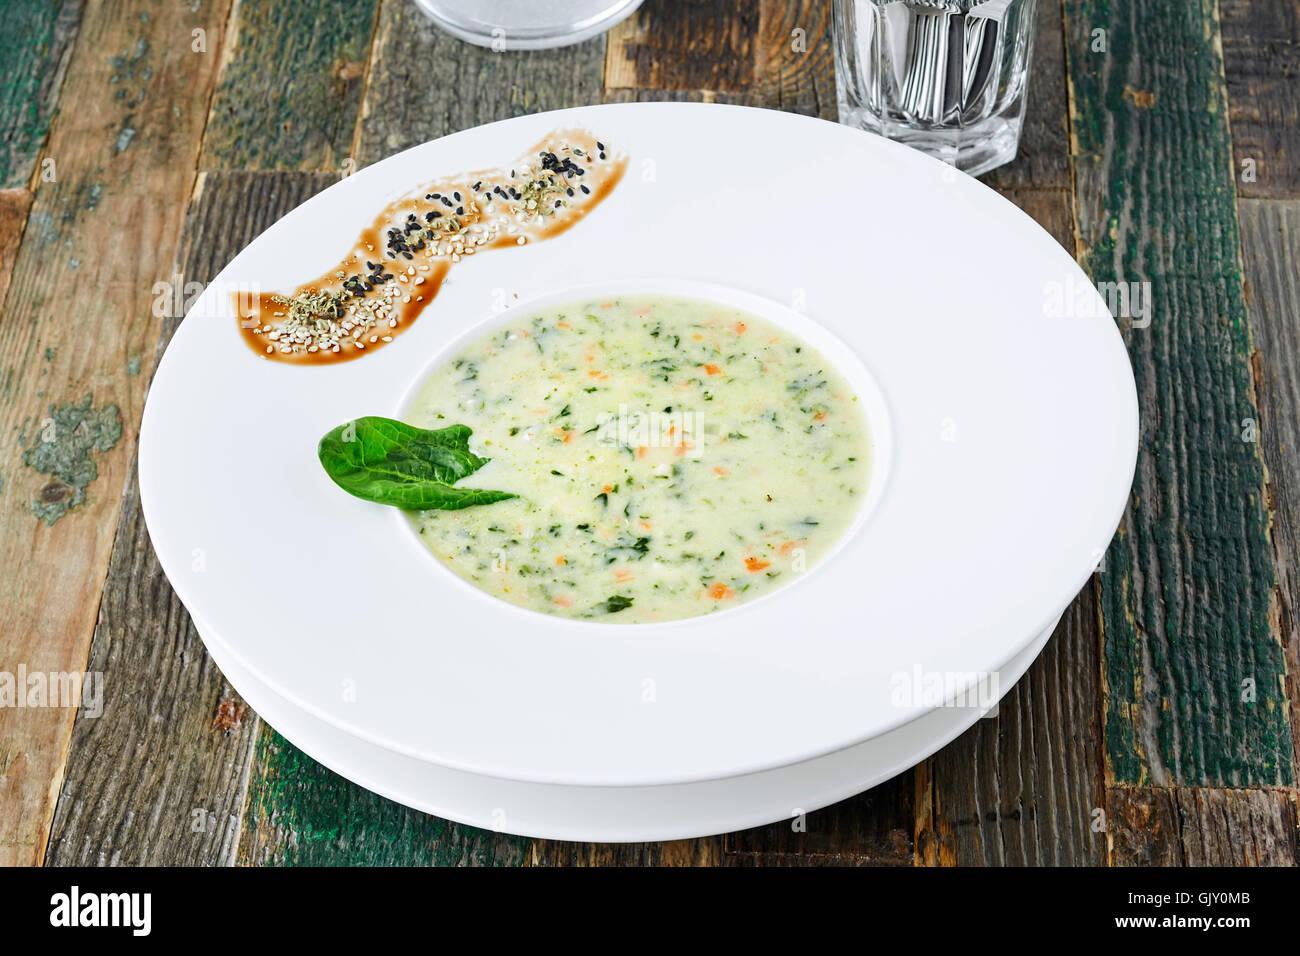 Zucchini-Suppe auf Holztisch, horizontale erschossen Stockfoto